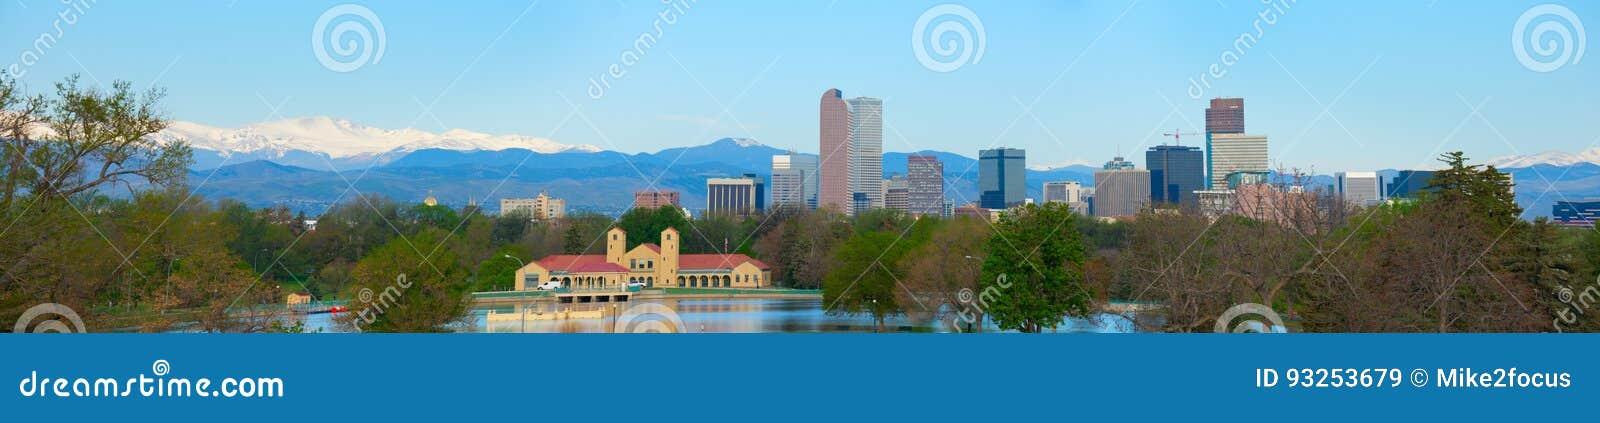 Panorama för extremt stort format av i stadens centrum Denver horisont och Rocky Mountains